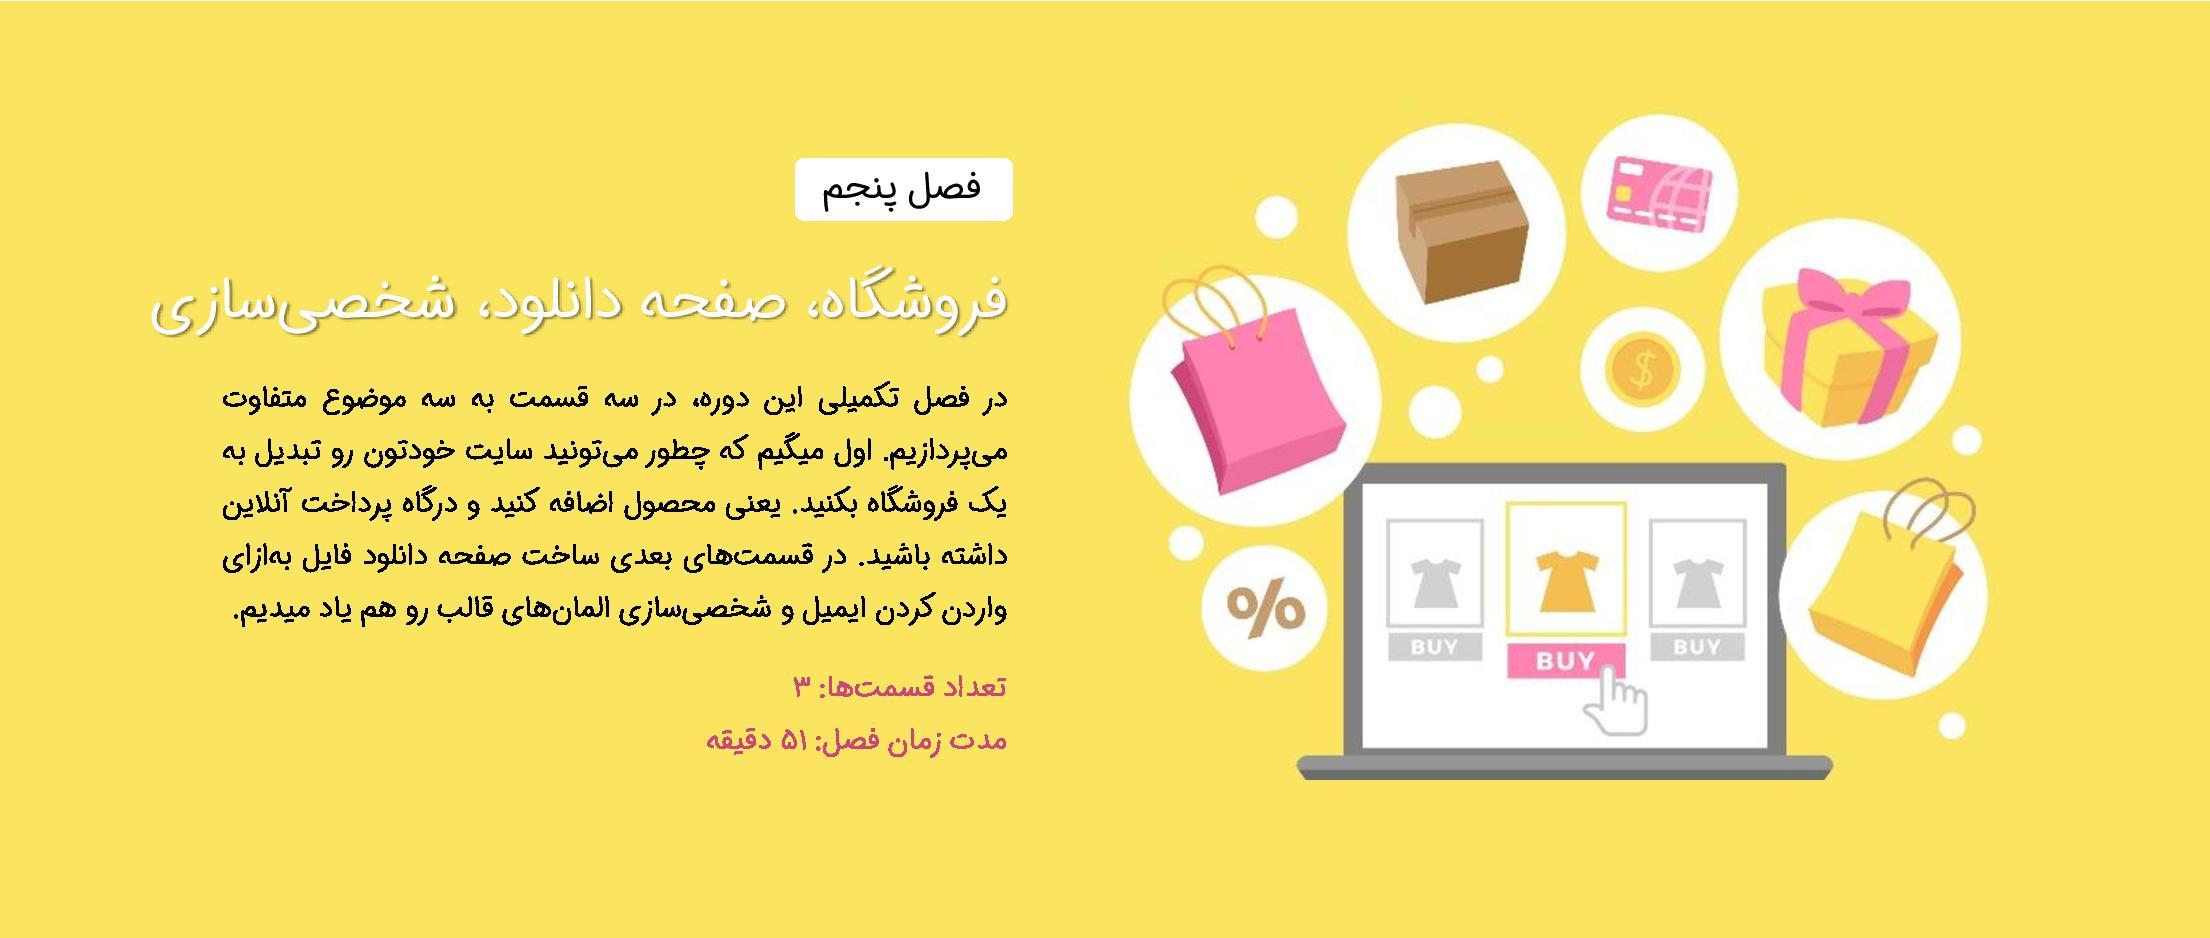 دوره آموزشی طراحی و مدیریت وبسایت